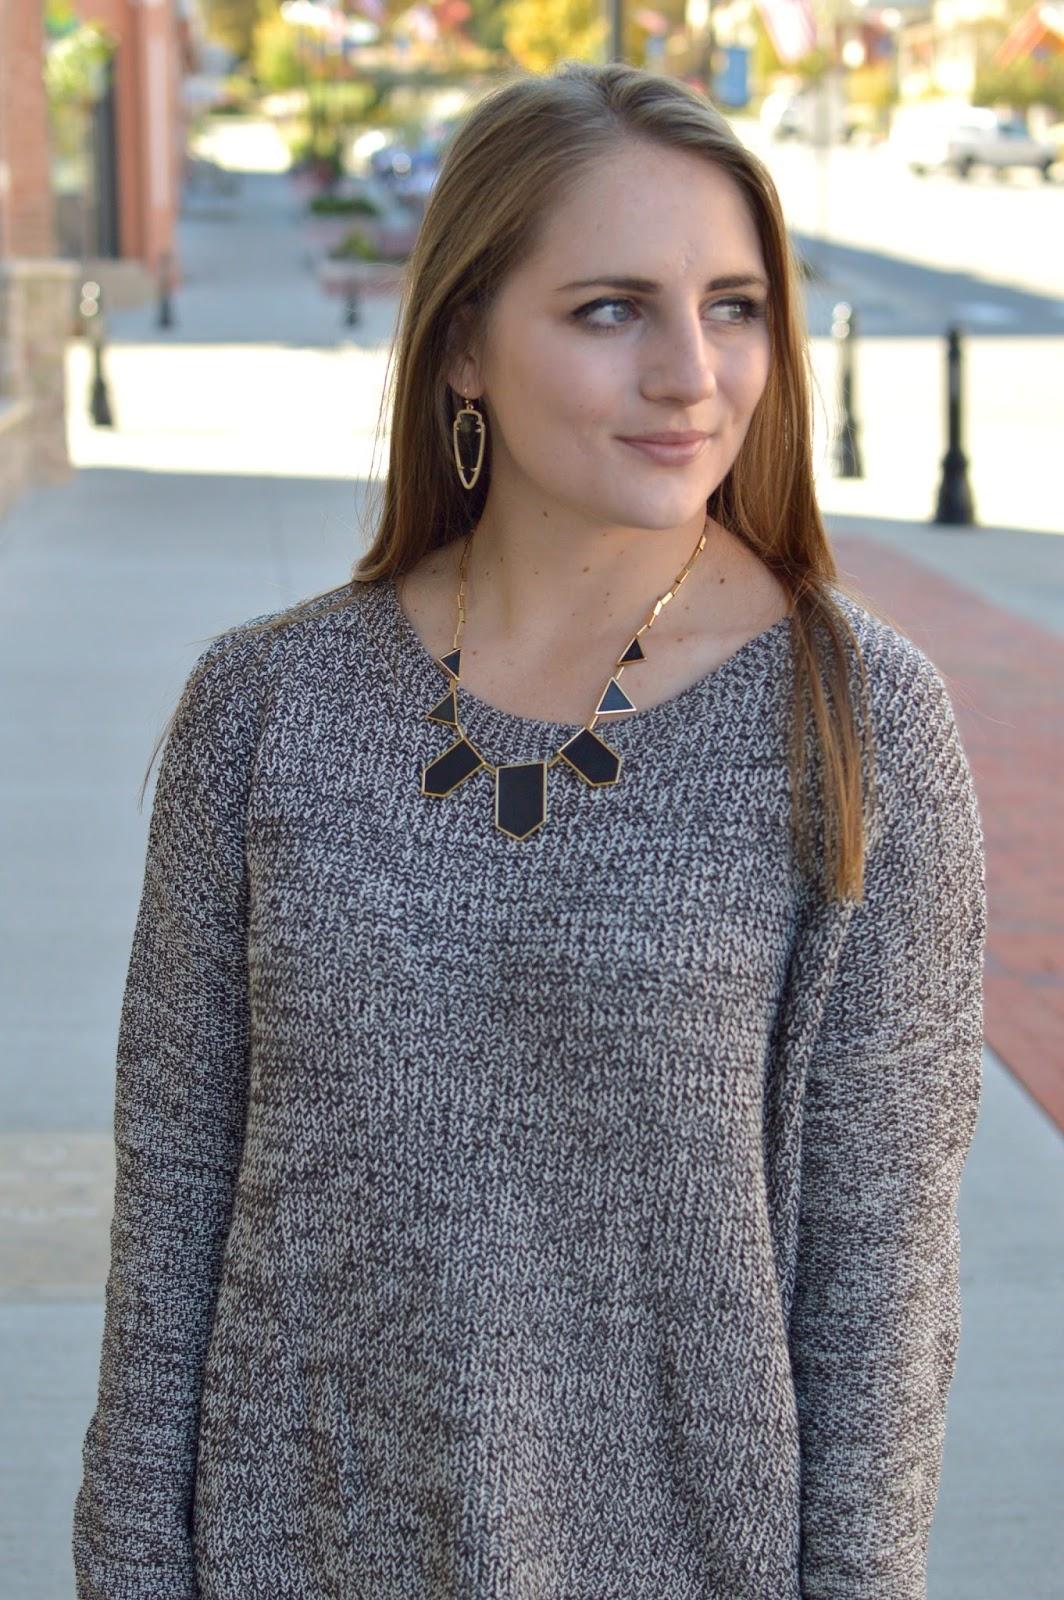 rocksbox necklaces